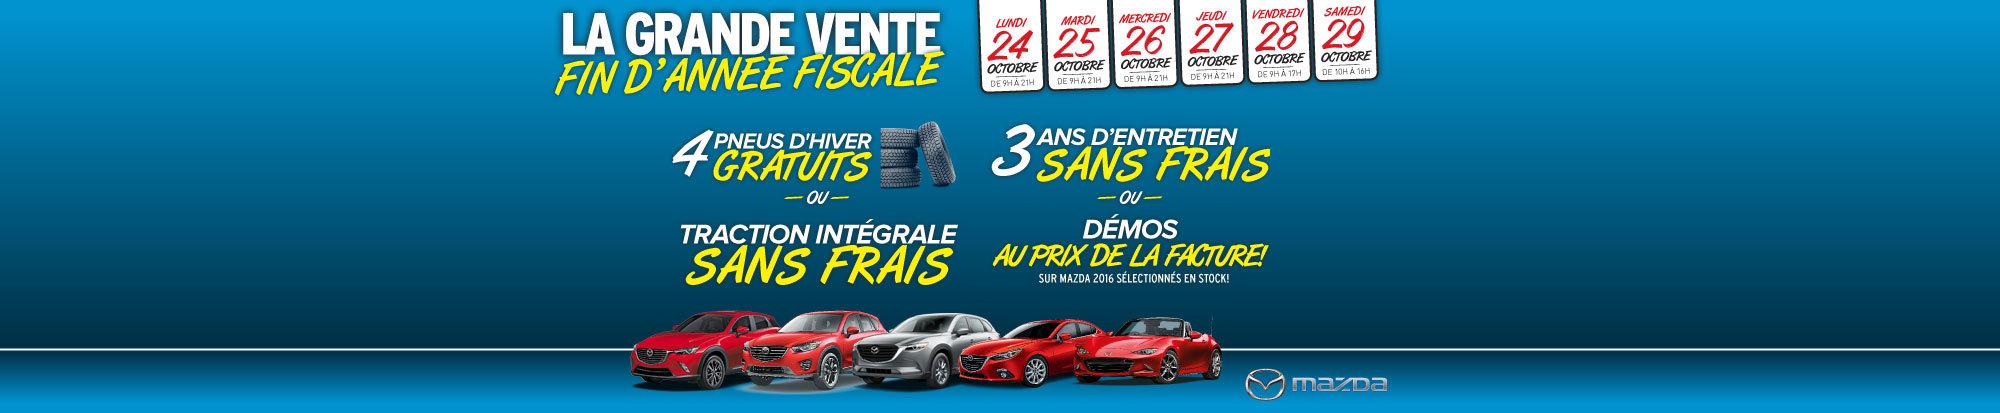 Grande vente d'année fiscale chez Mazda